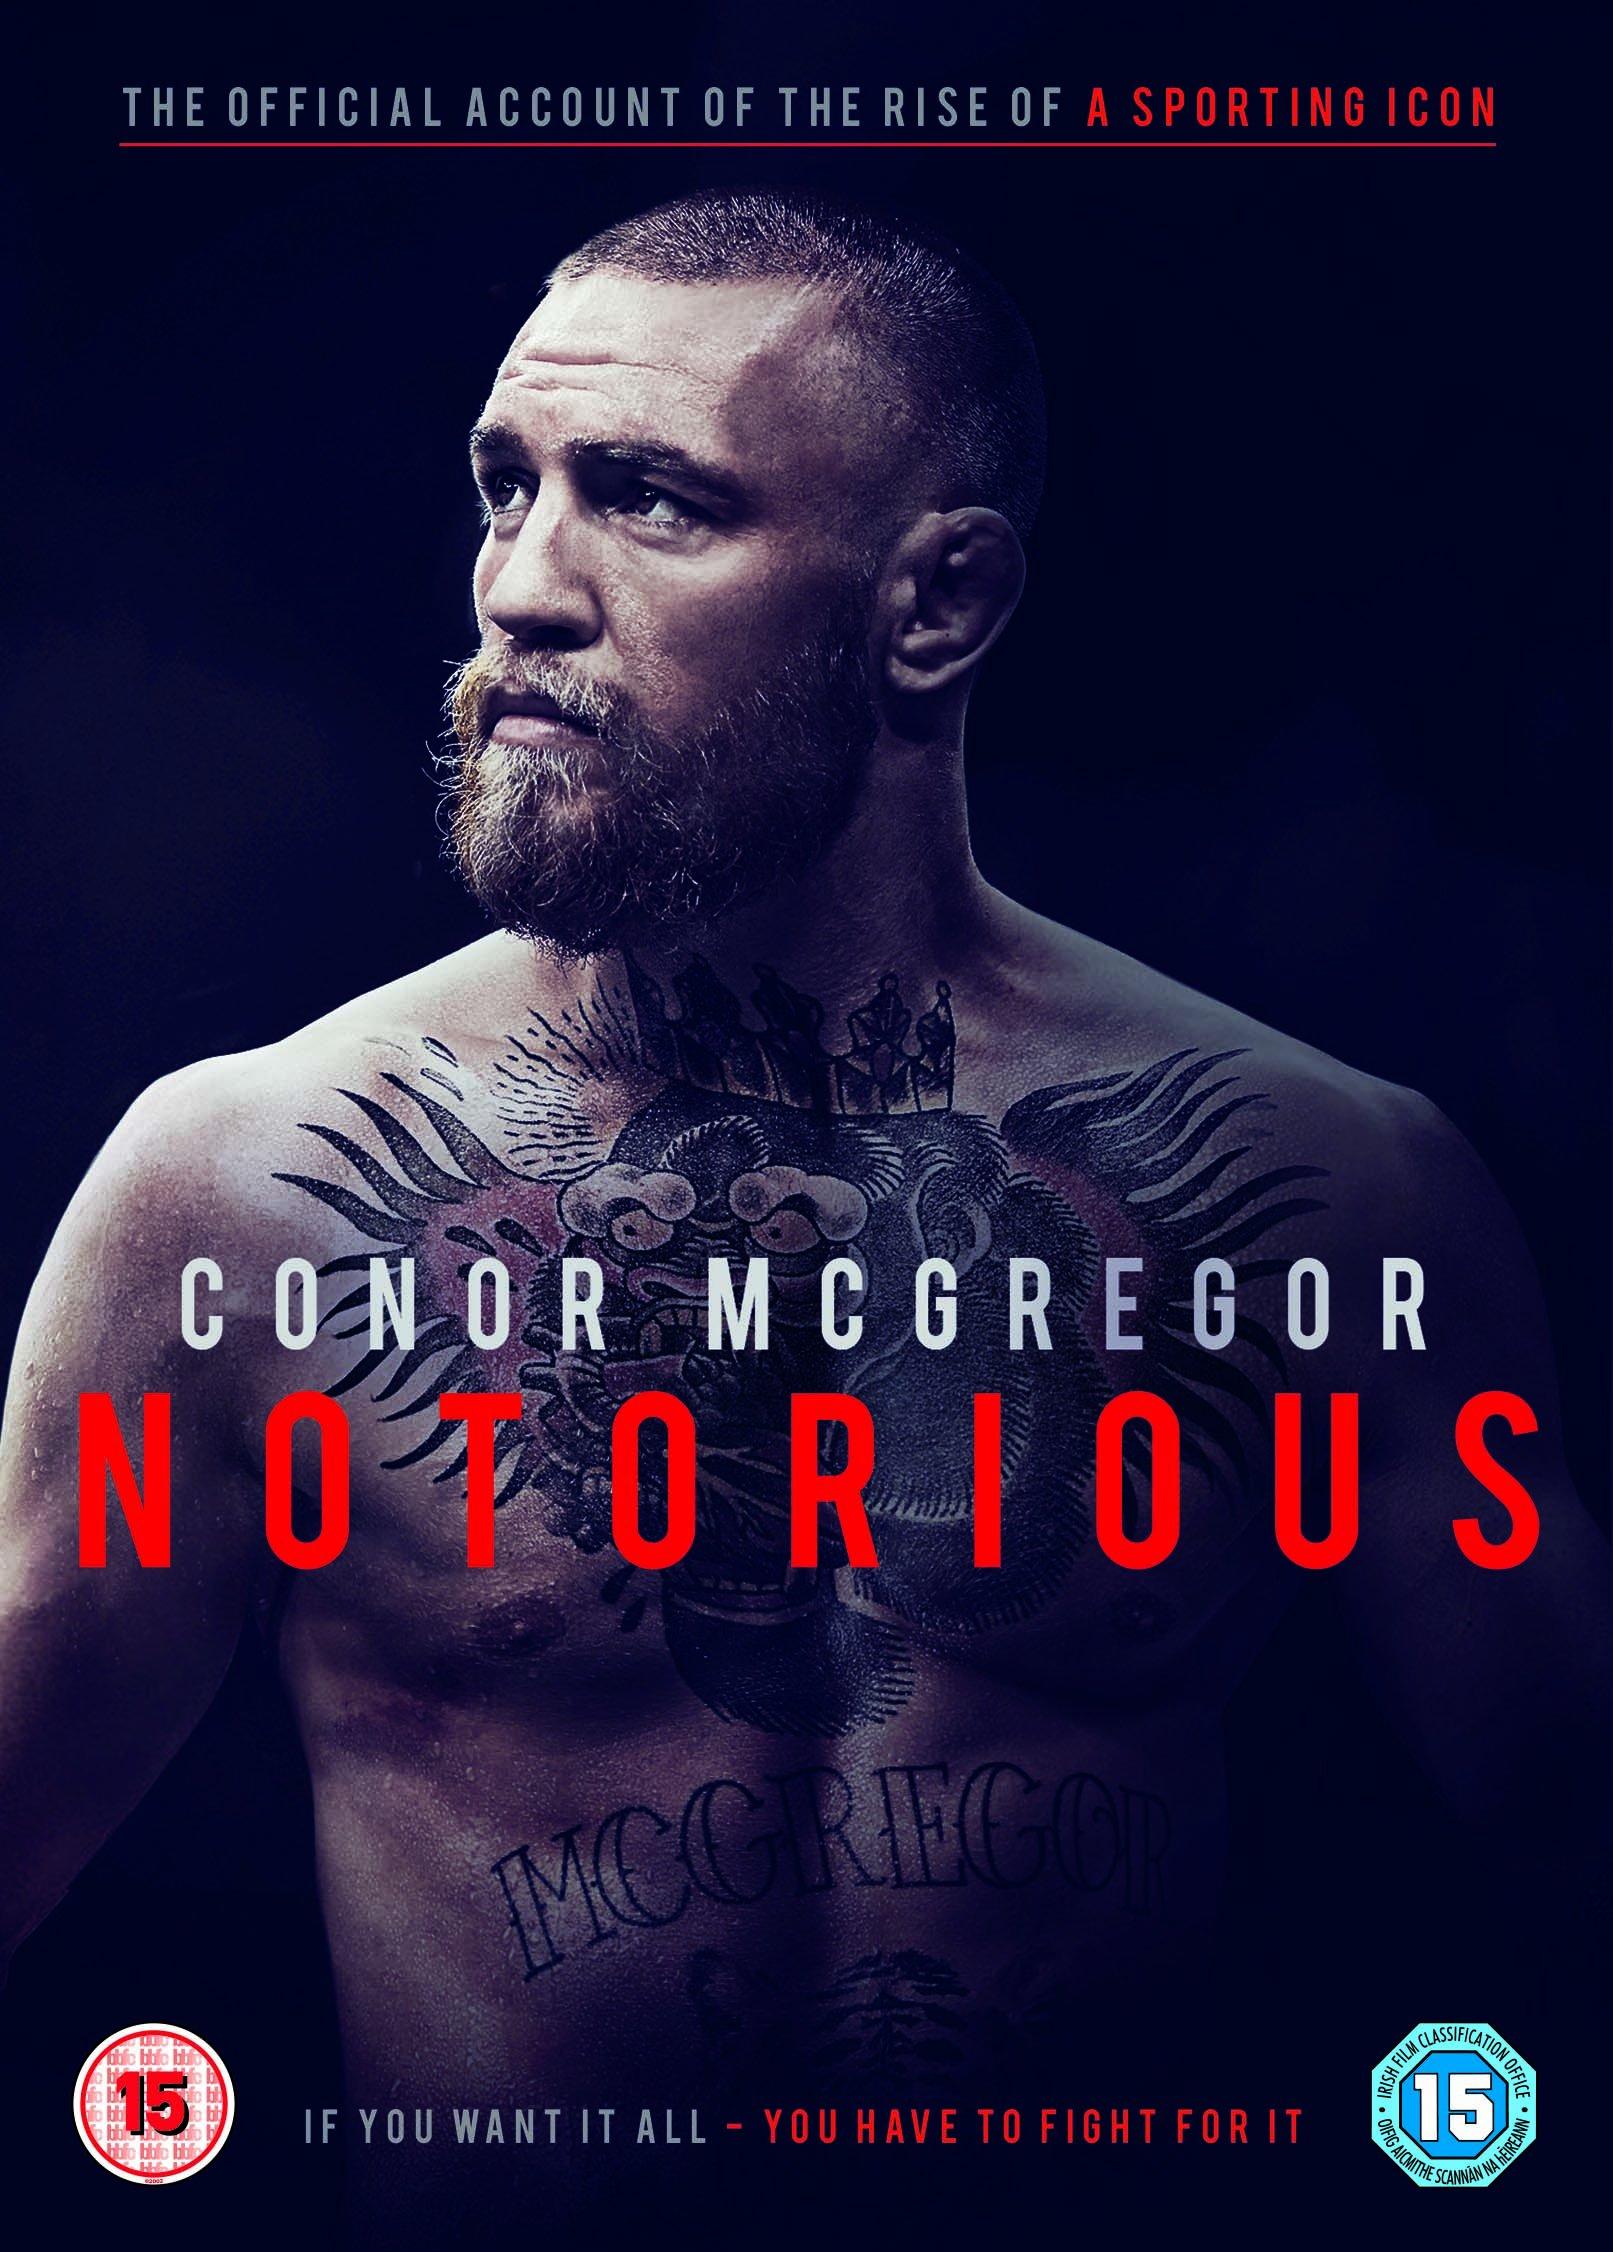 download Conor Mcgregor Notorious